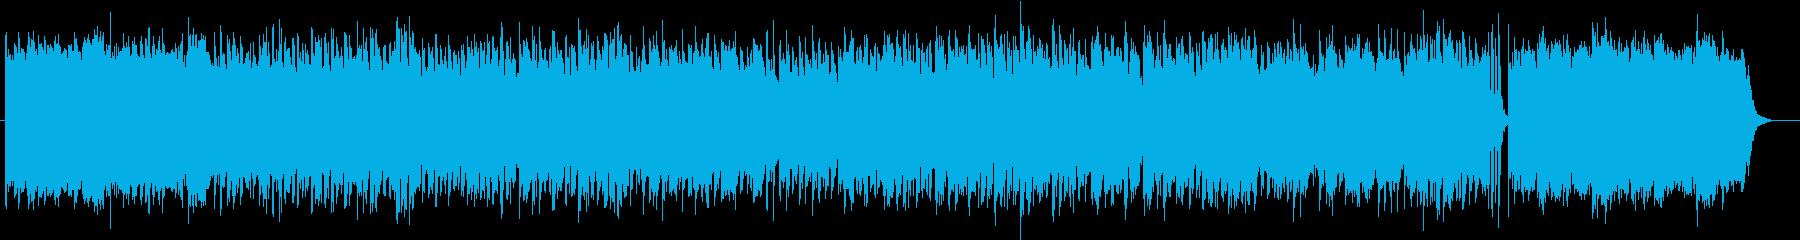 温もり溢れるトランペットポップサウンドの再生済みの波形